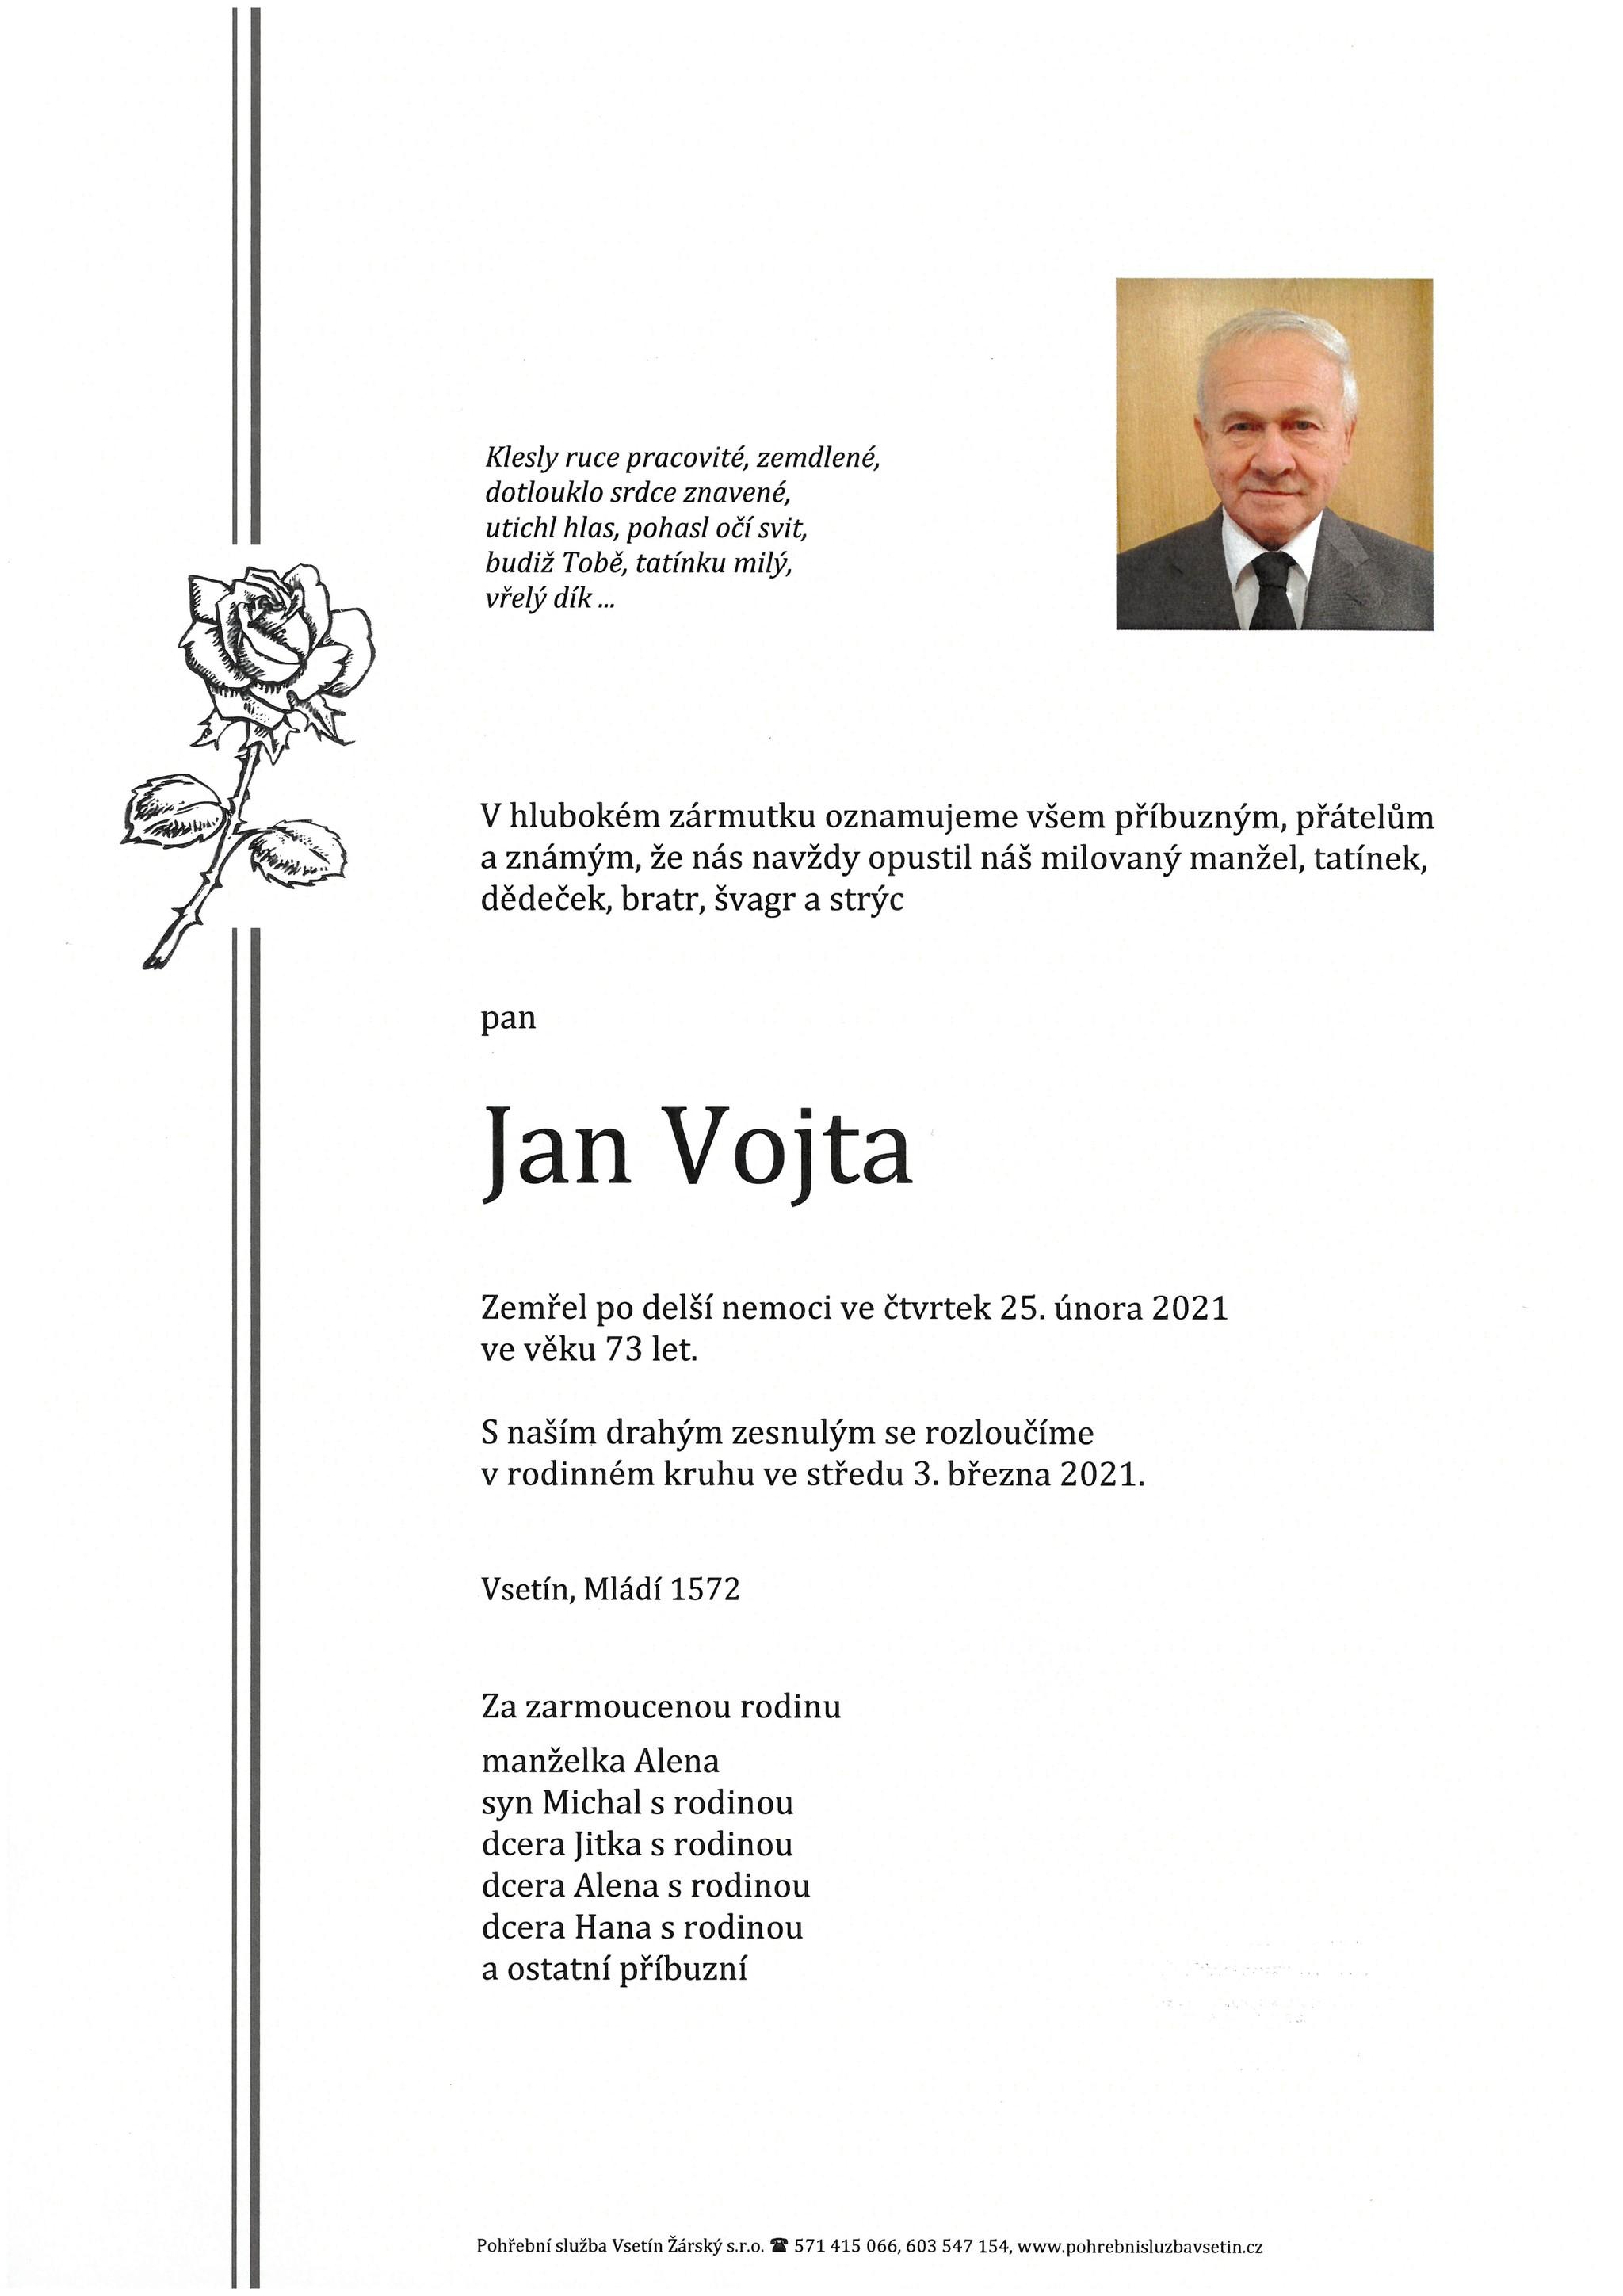 Jan Vojta